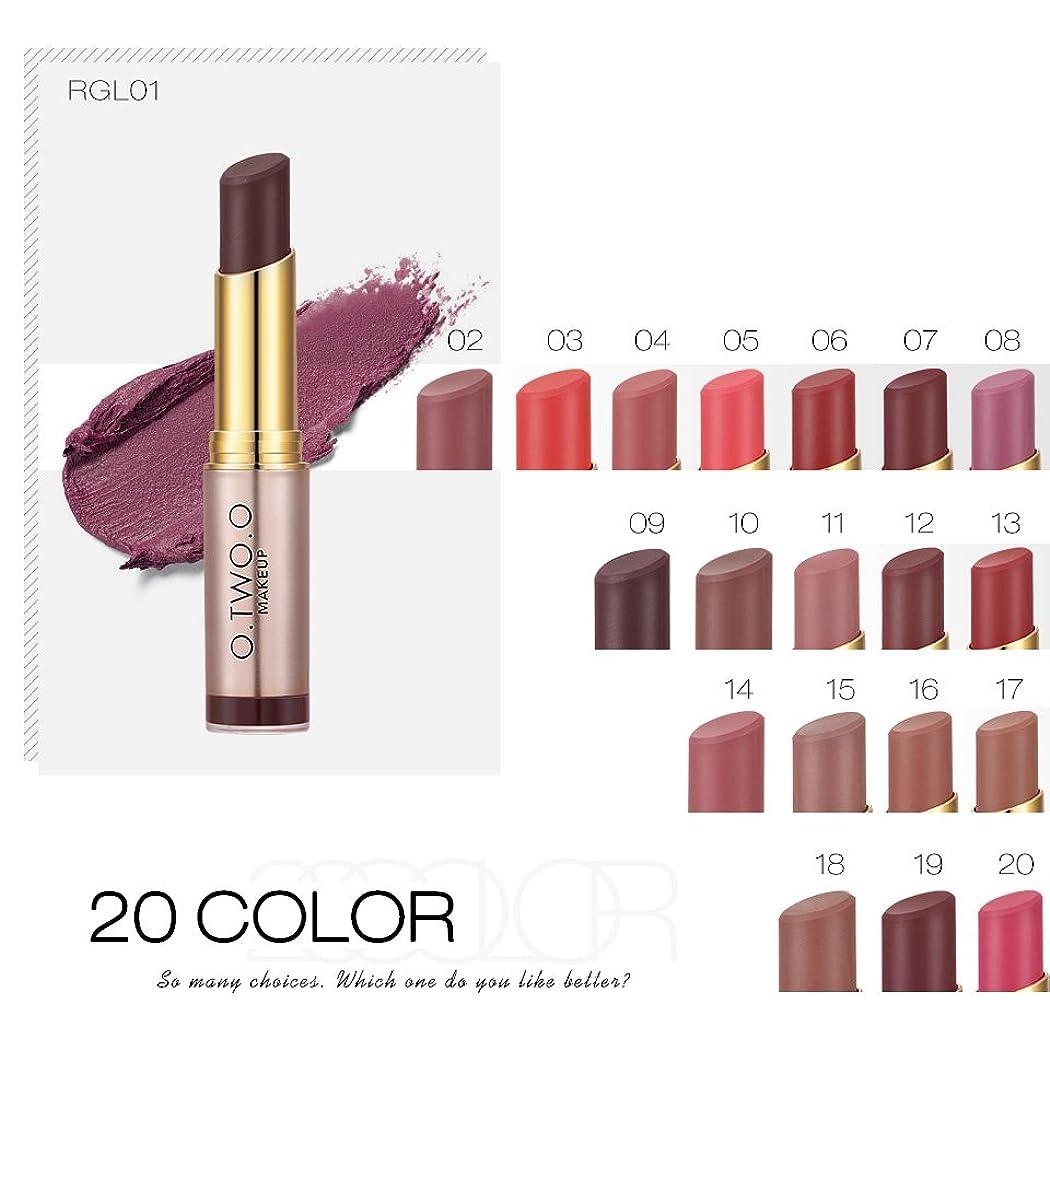 権限を与える立証する大きなスケールで見ると(RGL10) Brand Wholesale Beauty Makeup Lipstick Popular Colors Best Seller Long Lasting Lip Kit Matte Lip Cosmetics